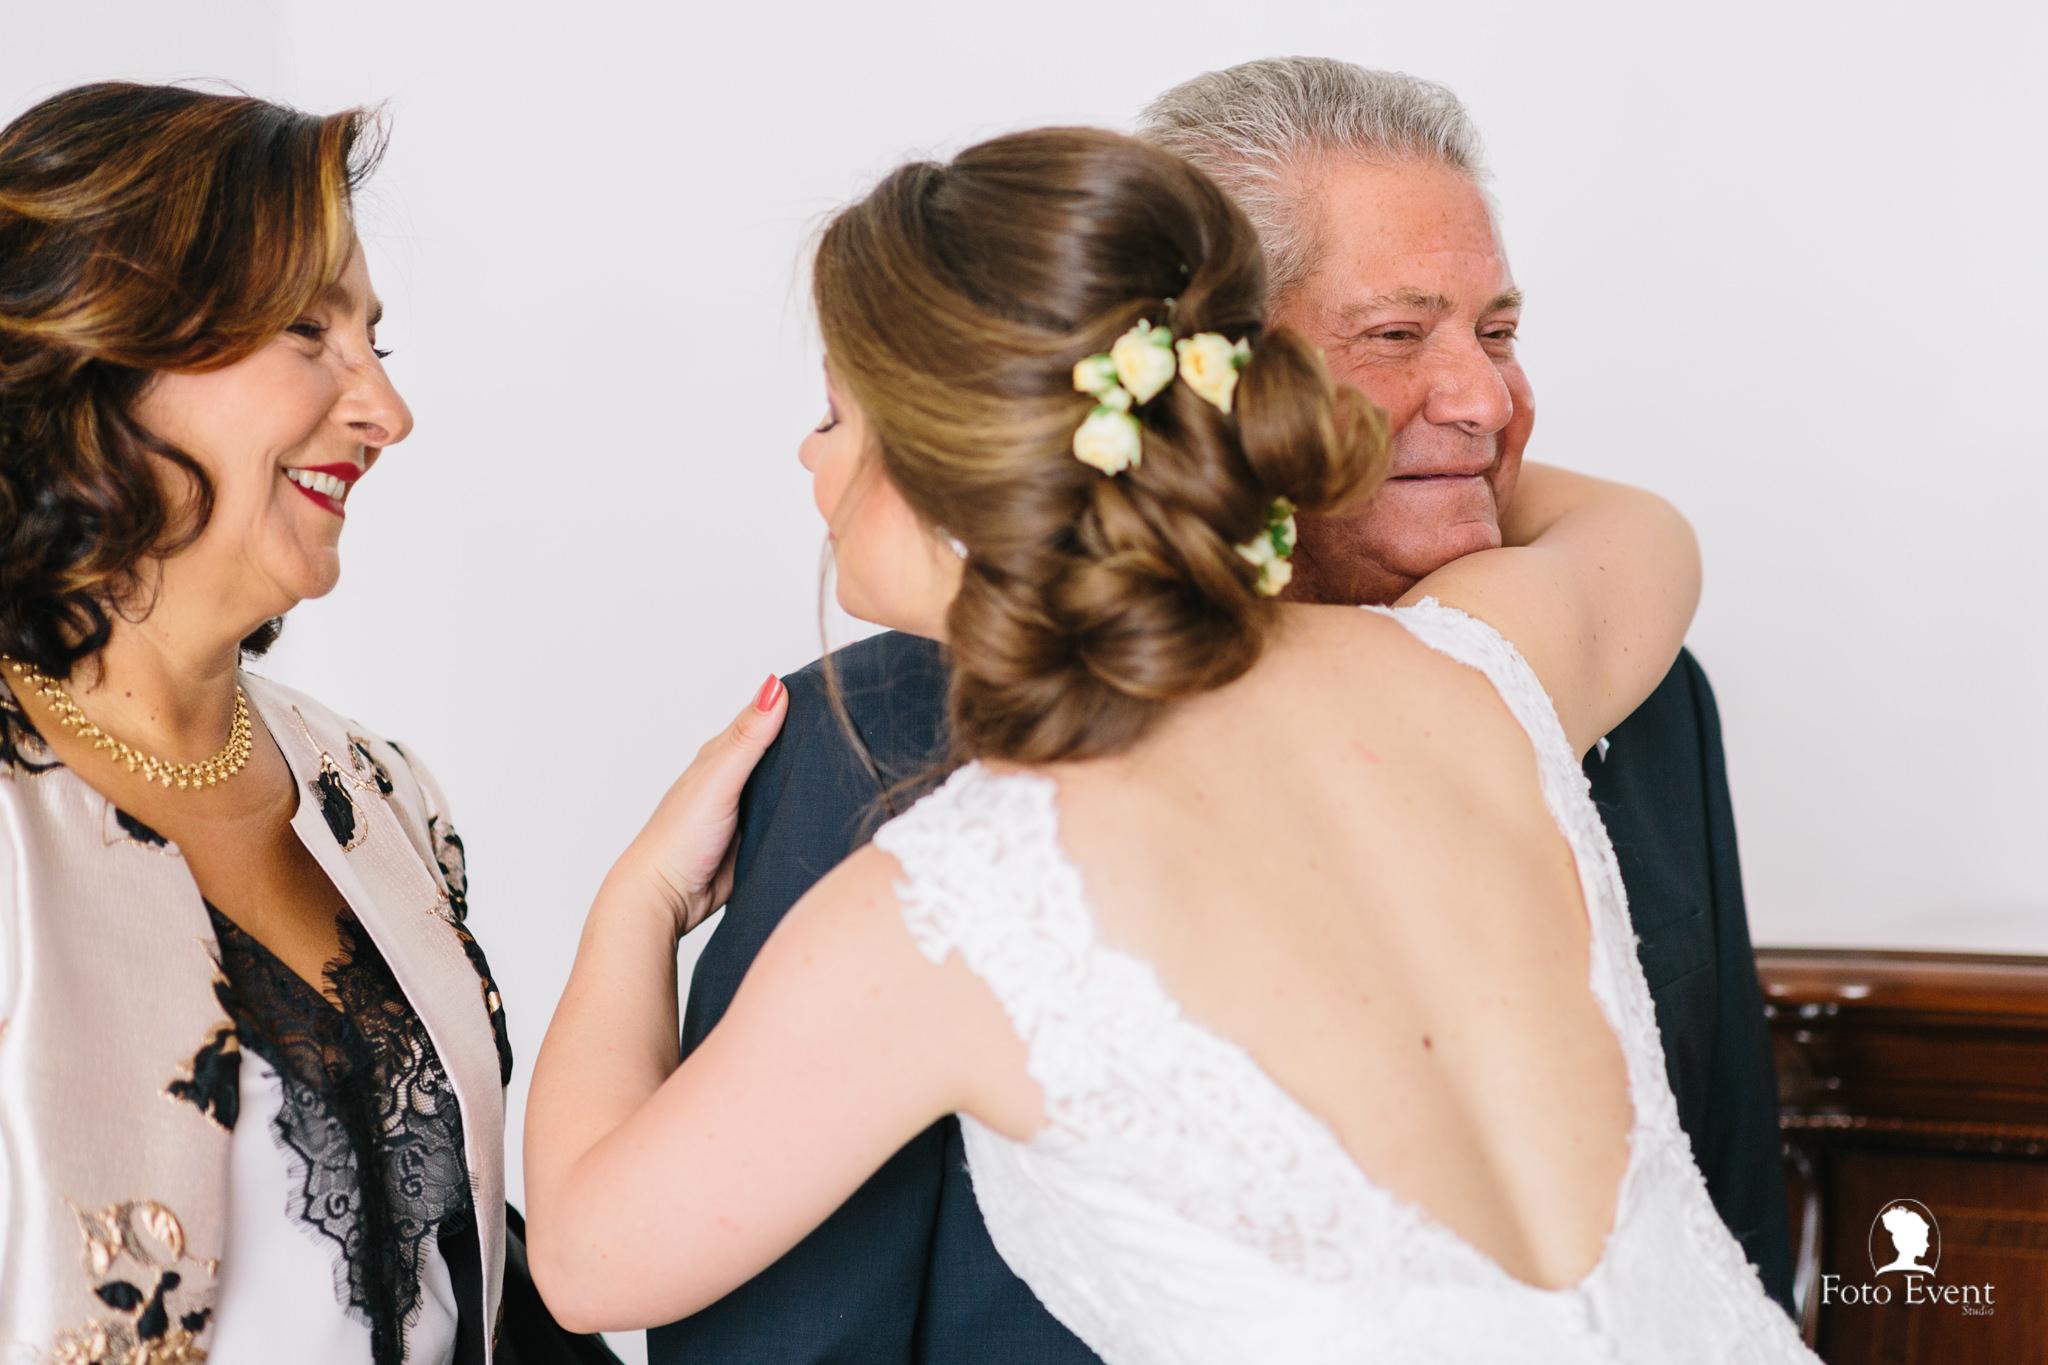 011-2019-06-12-Matrimonio-Rosa-e-Angelo-Ripellino-85mm-145